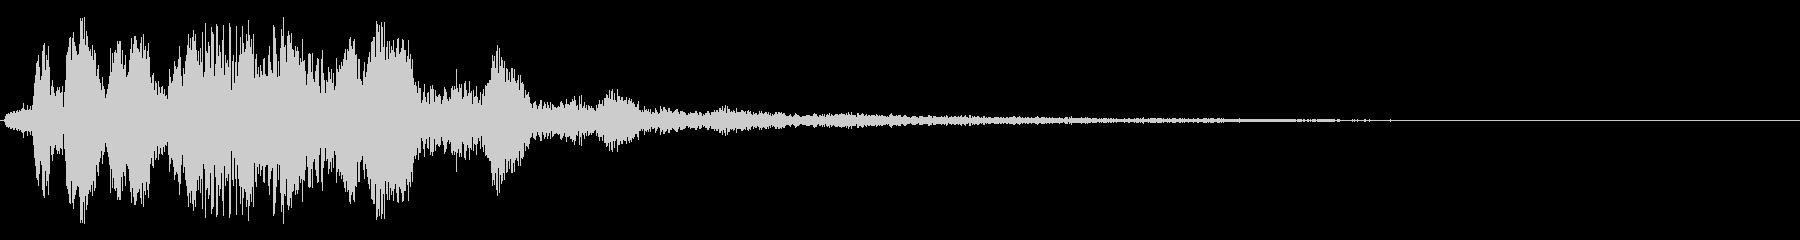 波紋が広がっていく音の未再生の波形